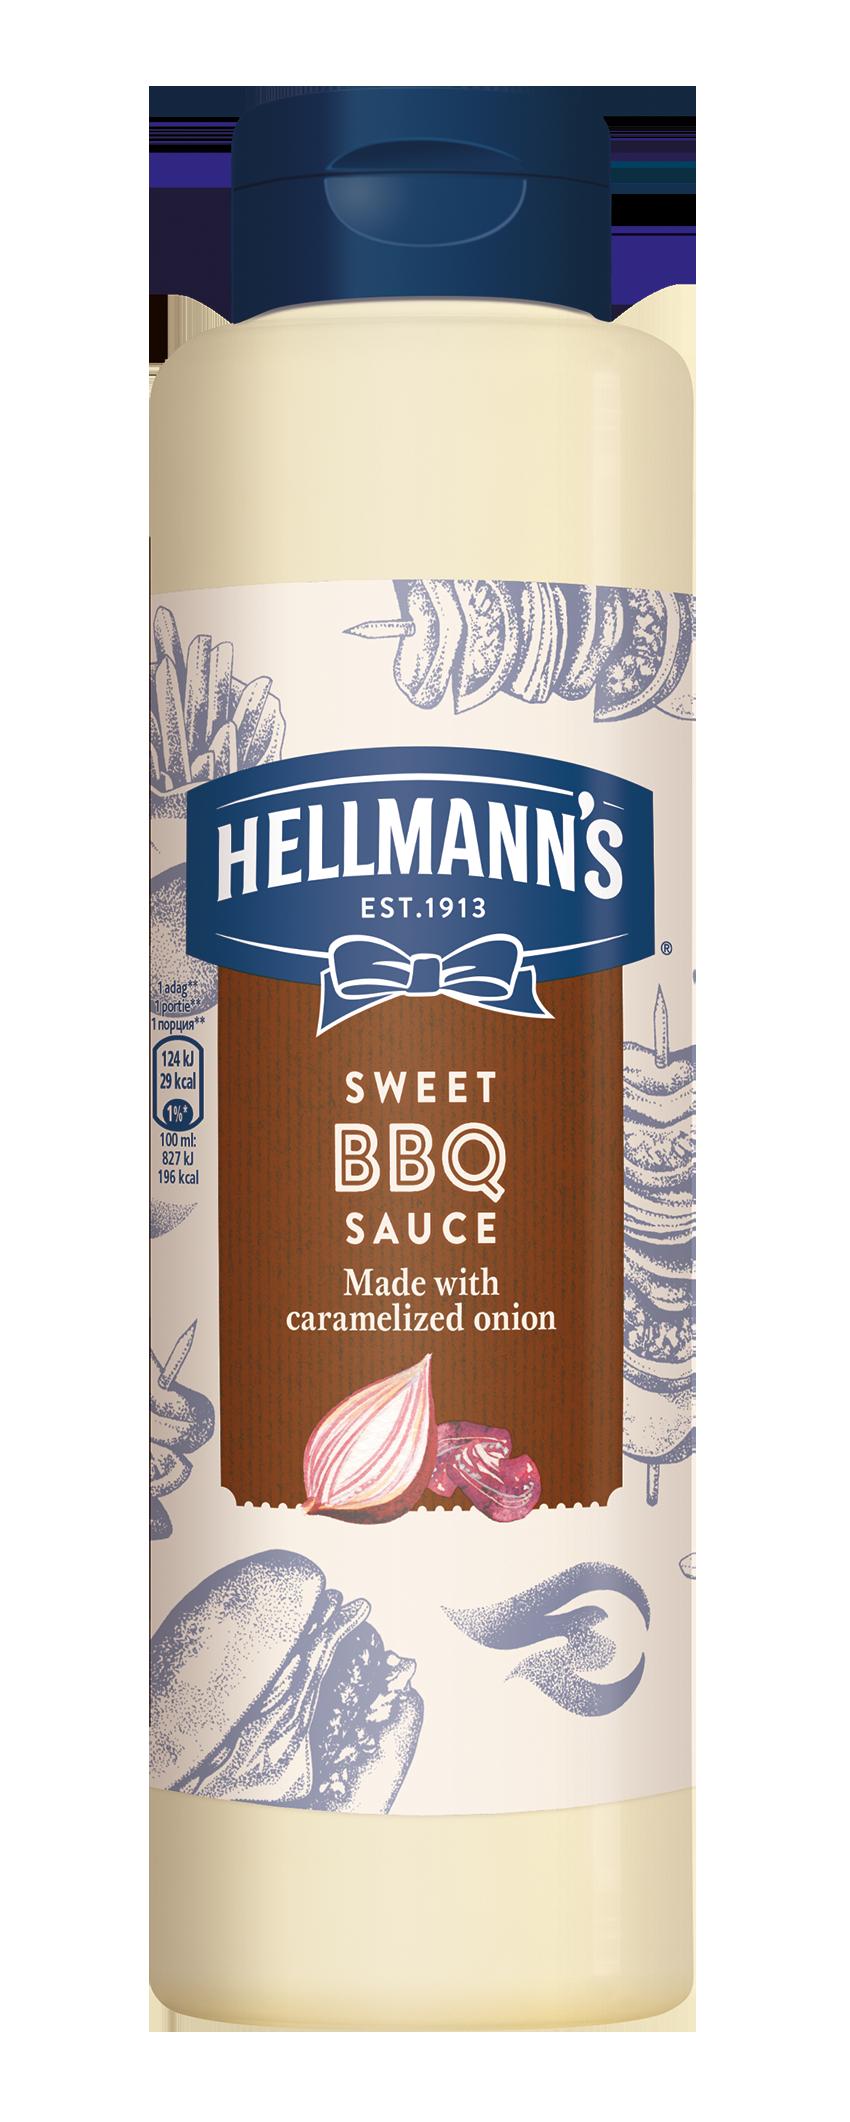 HELLMANN'S Barbecue szósz 792ml -  Minőségi márkájú termék felszolgálása pozitív benyomást kelt a vendégekben.